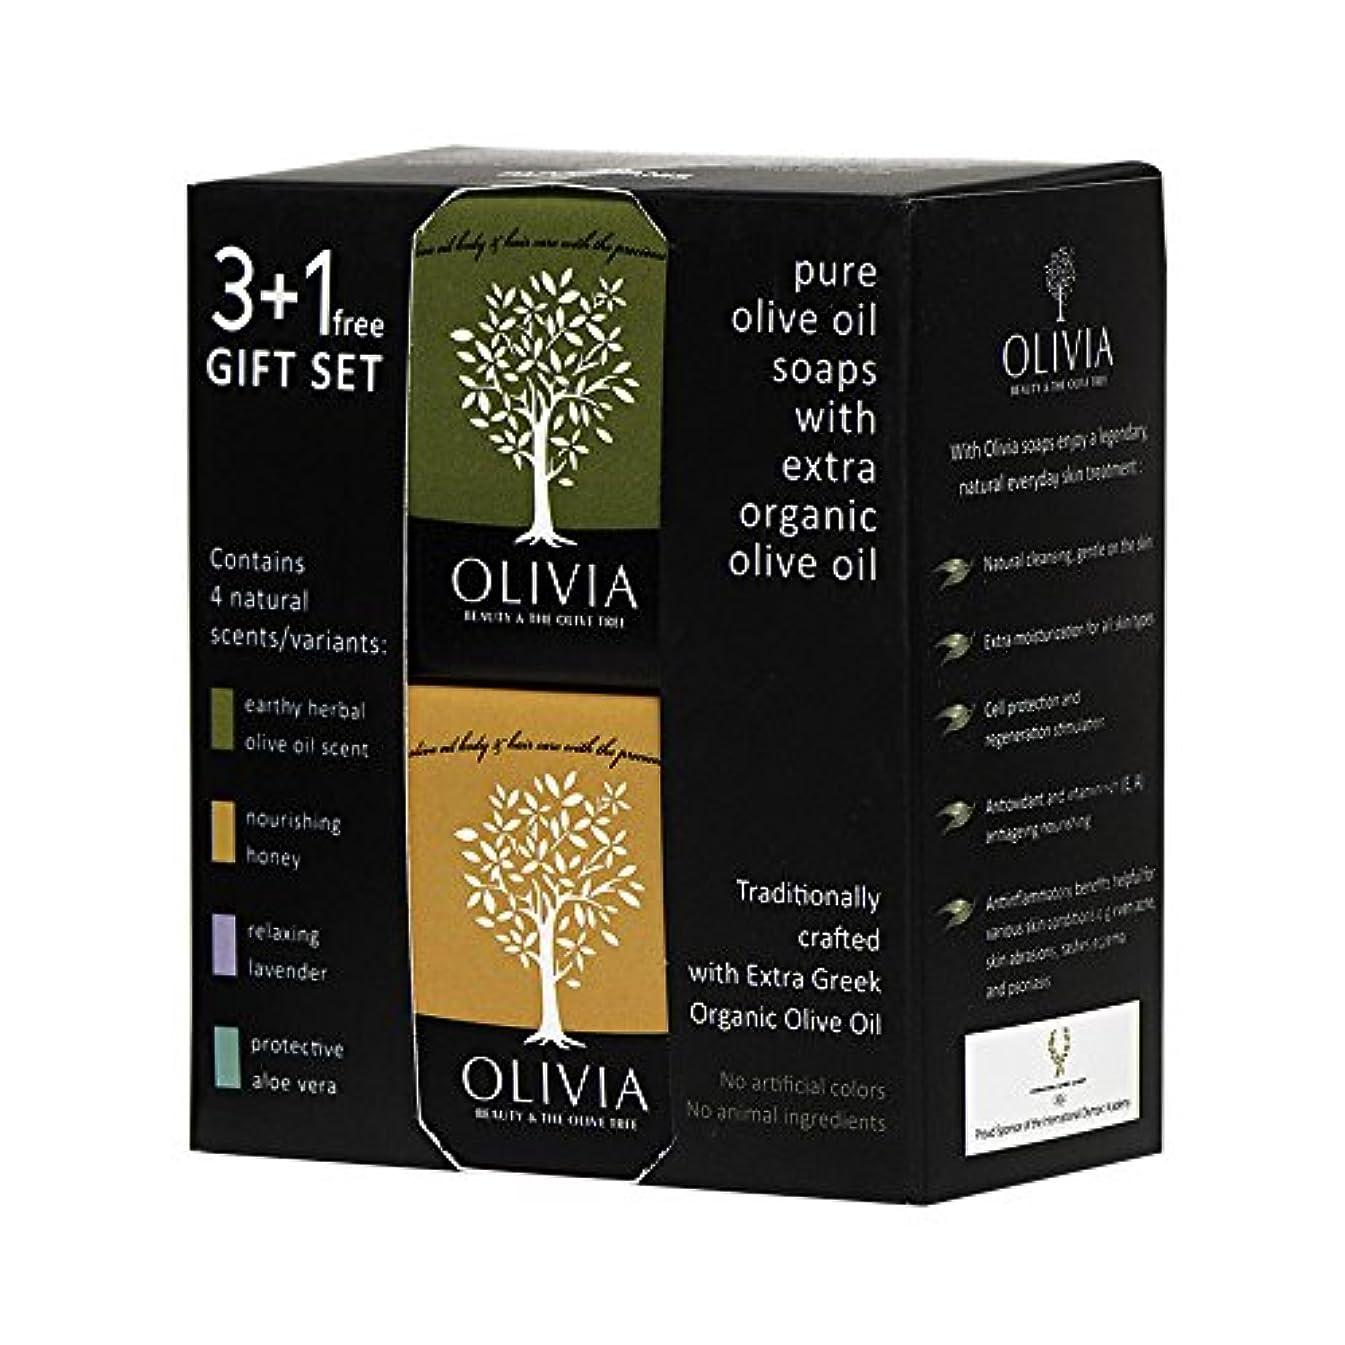 閉じるクーポン計算可能Olivia(オリビア) ナチュラルバーソープ 3+1フリーギフトセット